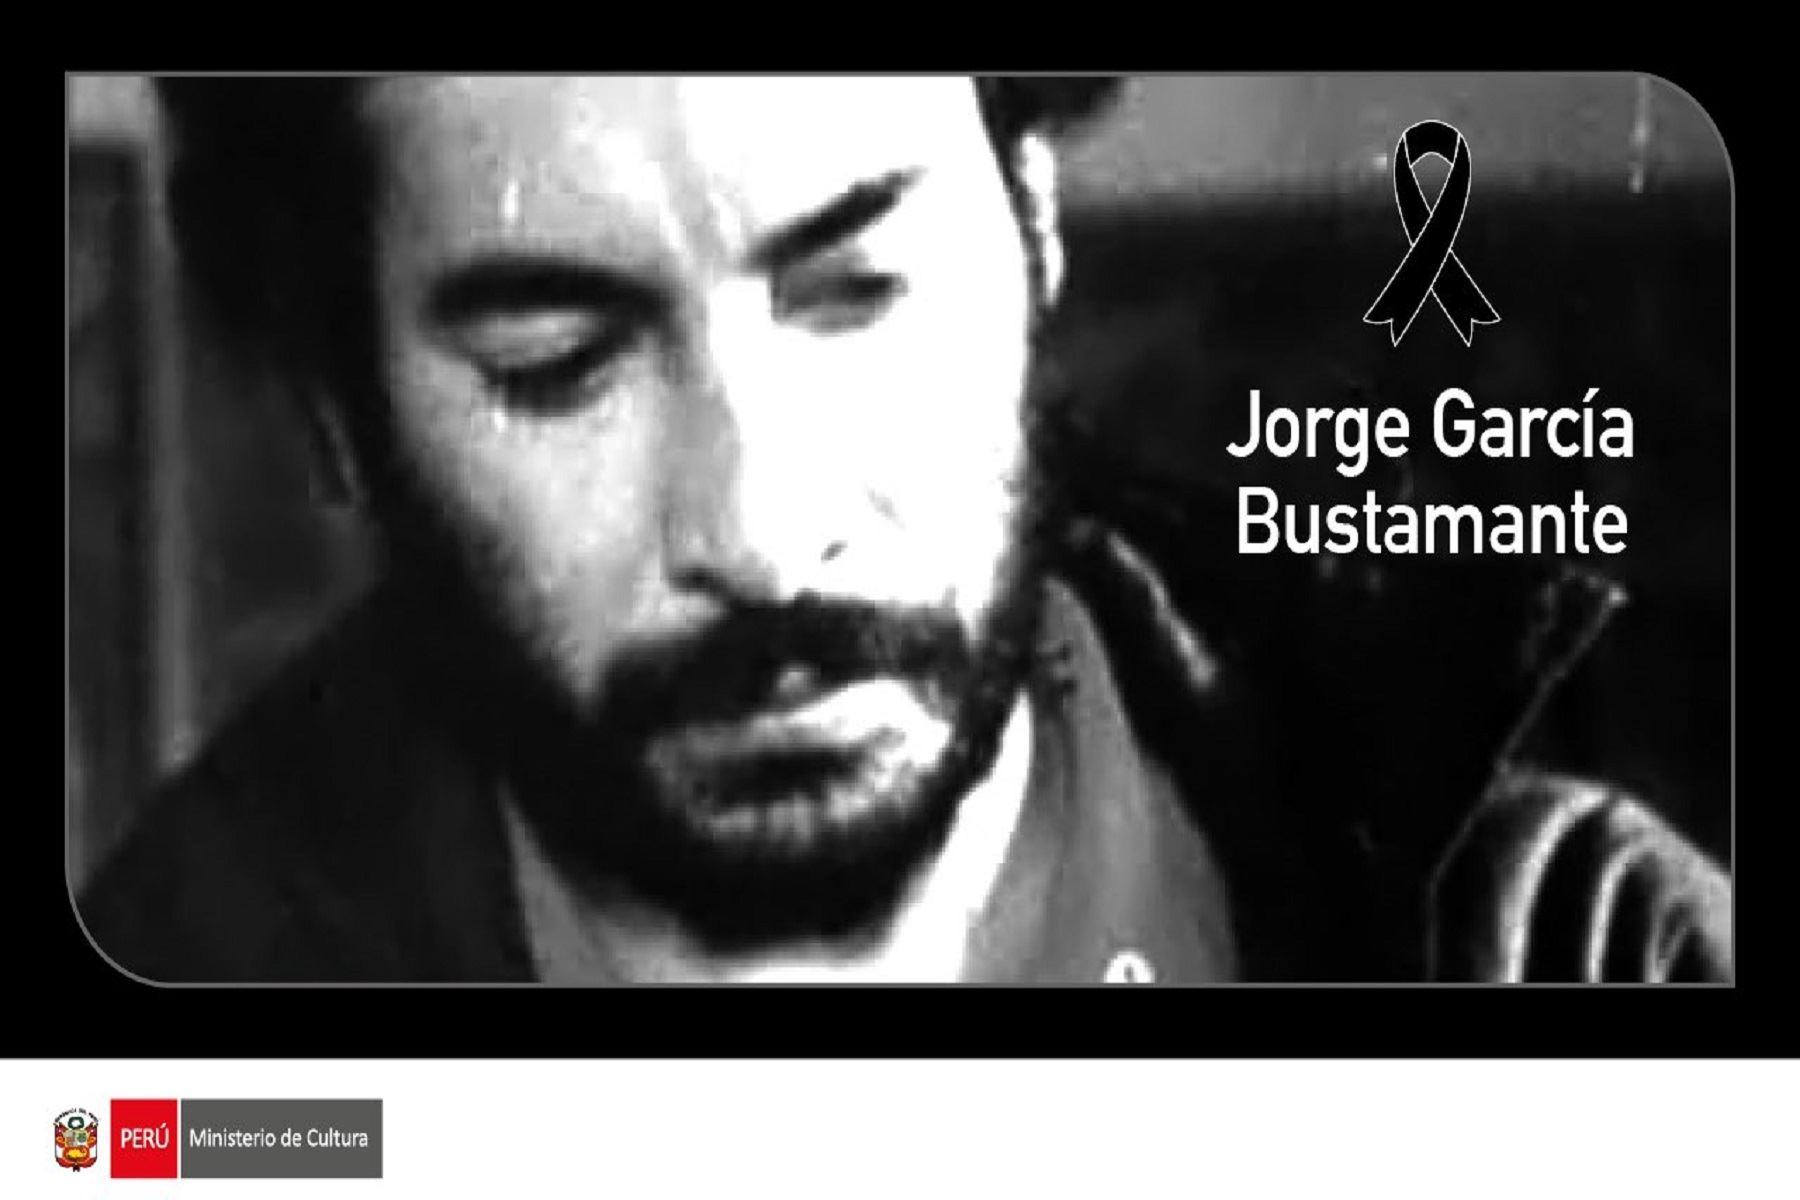 Jorge García Bustamante Foto: Ministerio de Cultura